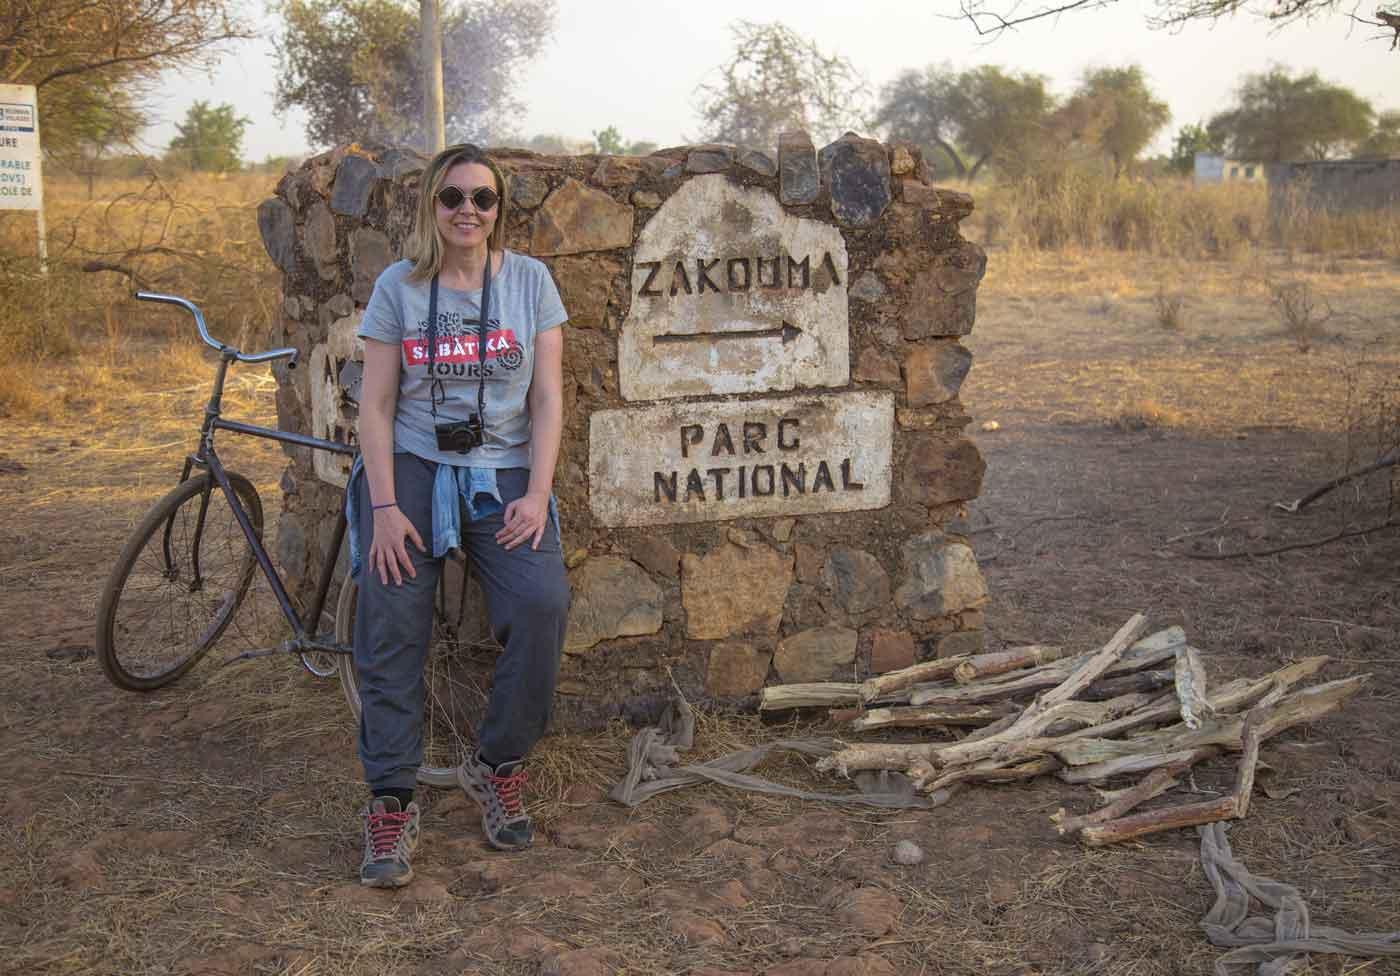 parque -nacional -de- zakouma - chadchad